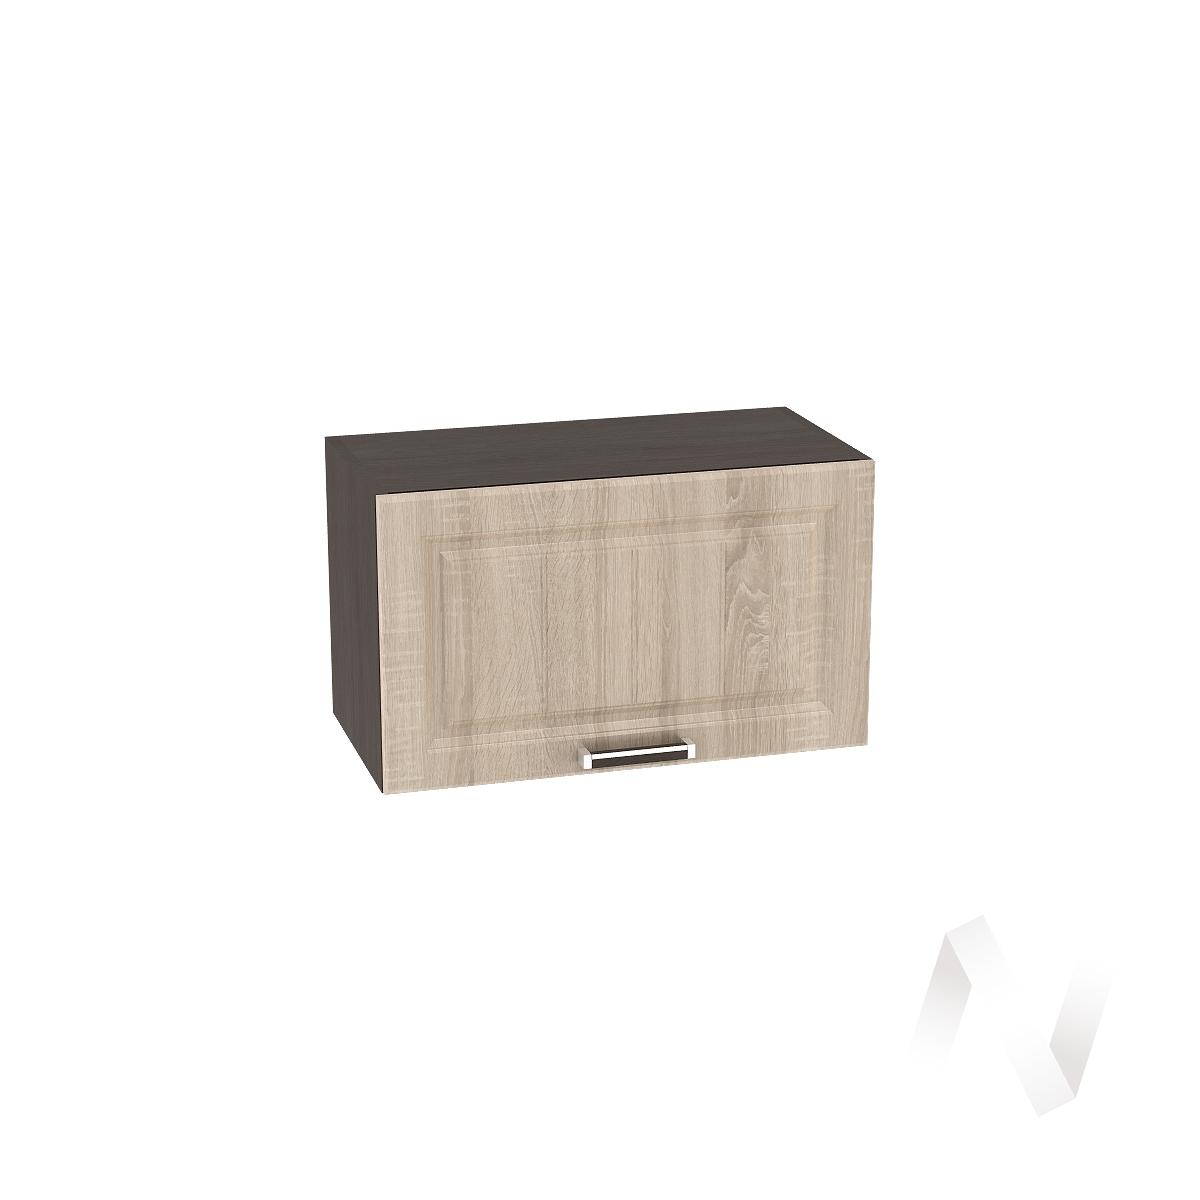 """Кухня """"Прага"""": Шкаф верхний горизонтальный 600, ШВГ 600 (дуб сонома/корпус венге)"""